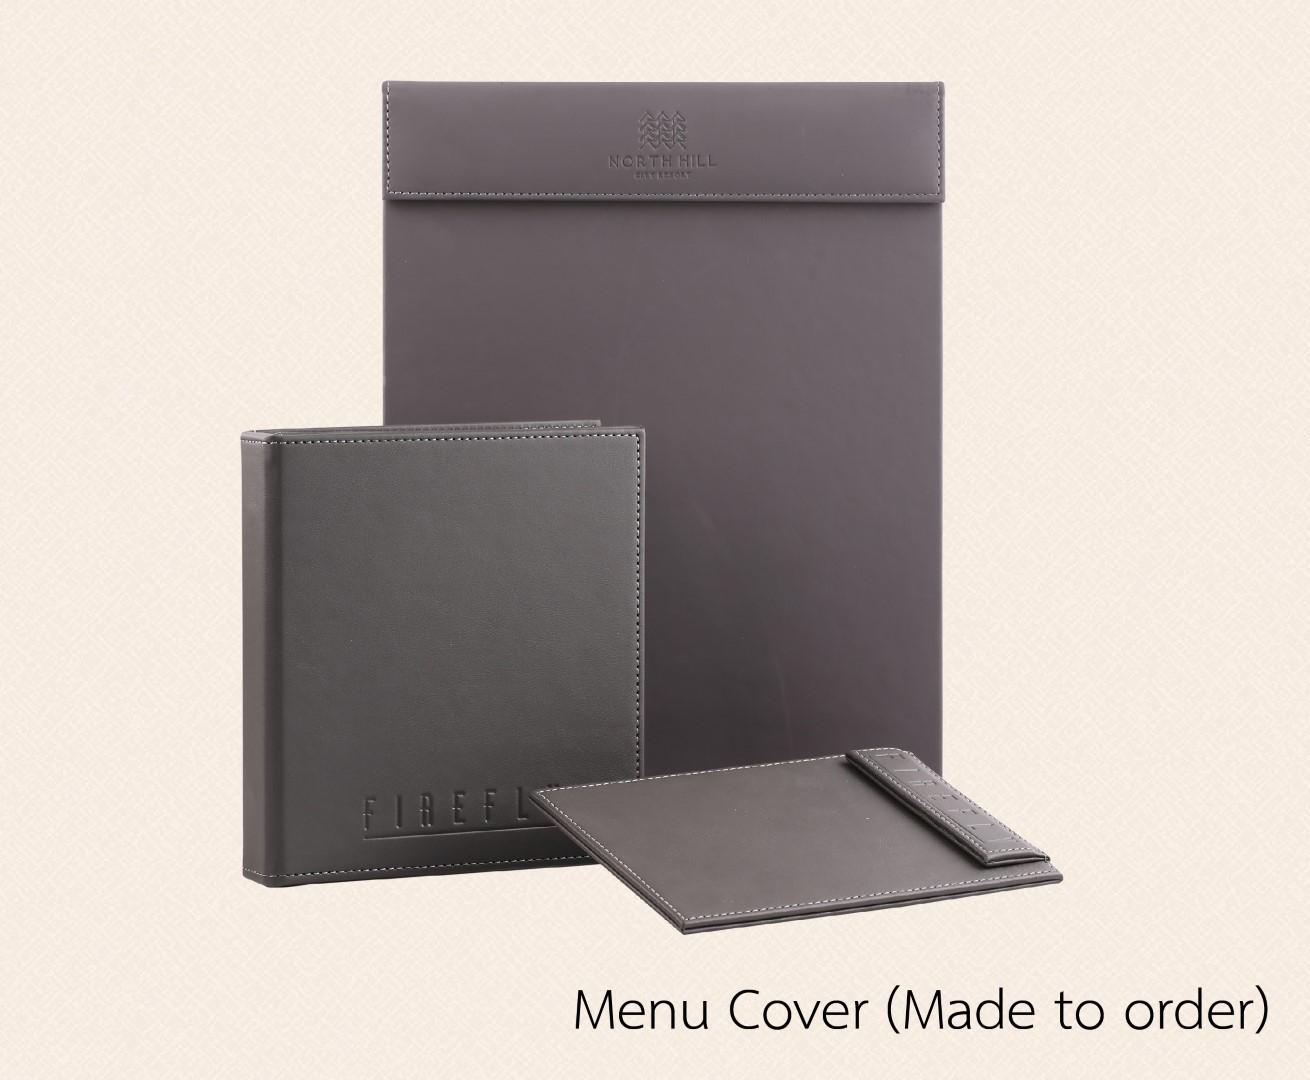 ปกเมนู เมนูปกหนัง  แฟ้มเมนู ปกเมนูตามสั่ง  Made to order Menu Cover